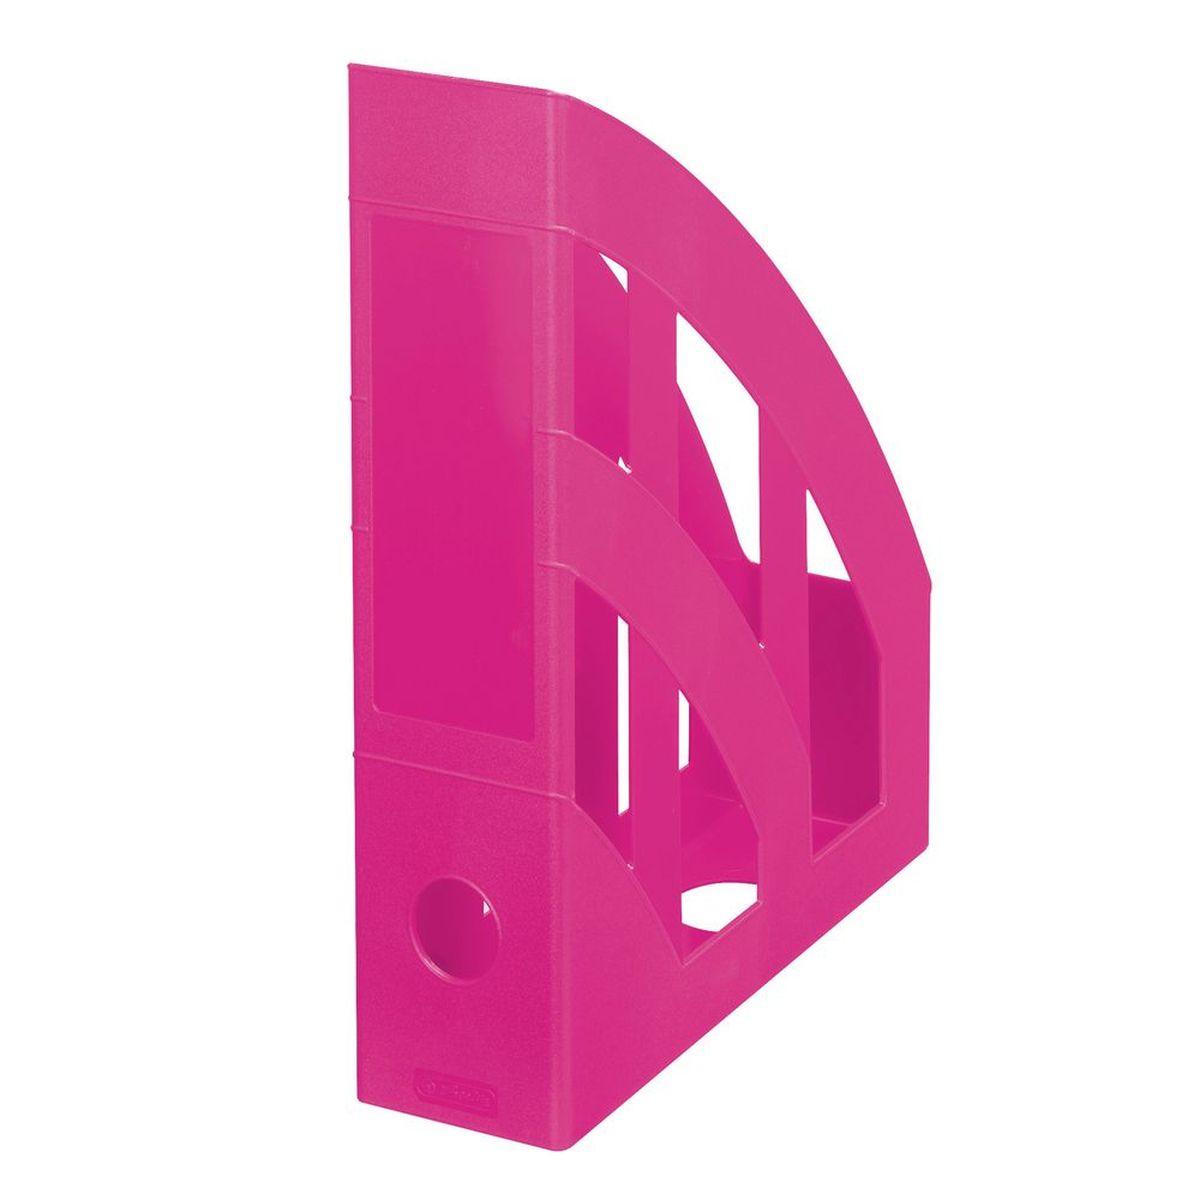 Herlitz Подставка для документов Classic цвет розовый11363728Практичная подставка для бумаги формата А4 Herlitz всегда поможет вам избавиться от лишних документов и содержать порядок на рабочем столе. Она изготовлена из пластика и имеет круглый слот на задней стенке, находится всегда в вертикальном положении, тем самым обеспечивая надежную фиксацию различных документов. Подставка для документов значительно облегчает делопроизводство. Яркий дизайн позволит ей стать достойным аксессуаром среди ваших канцелярских принадлежностей и будет дарить вам хорошее настроение.